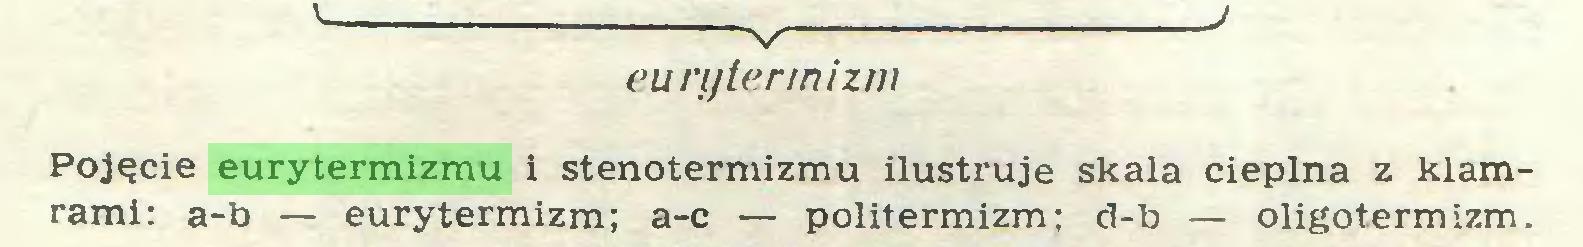 (...) V ' eunjter/nizm Pojęcie eurytermizmu i stenotermizmu ilustruje skala cieplna z klamrami: a-b — eurytermizm; a-c — politermizm; d-b — oligotermizm...